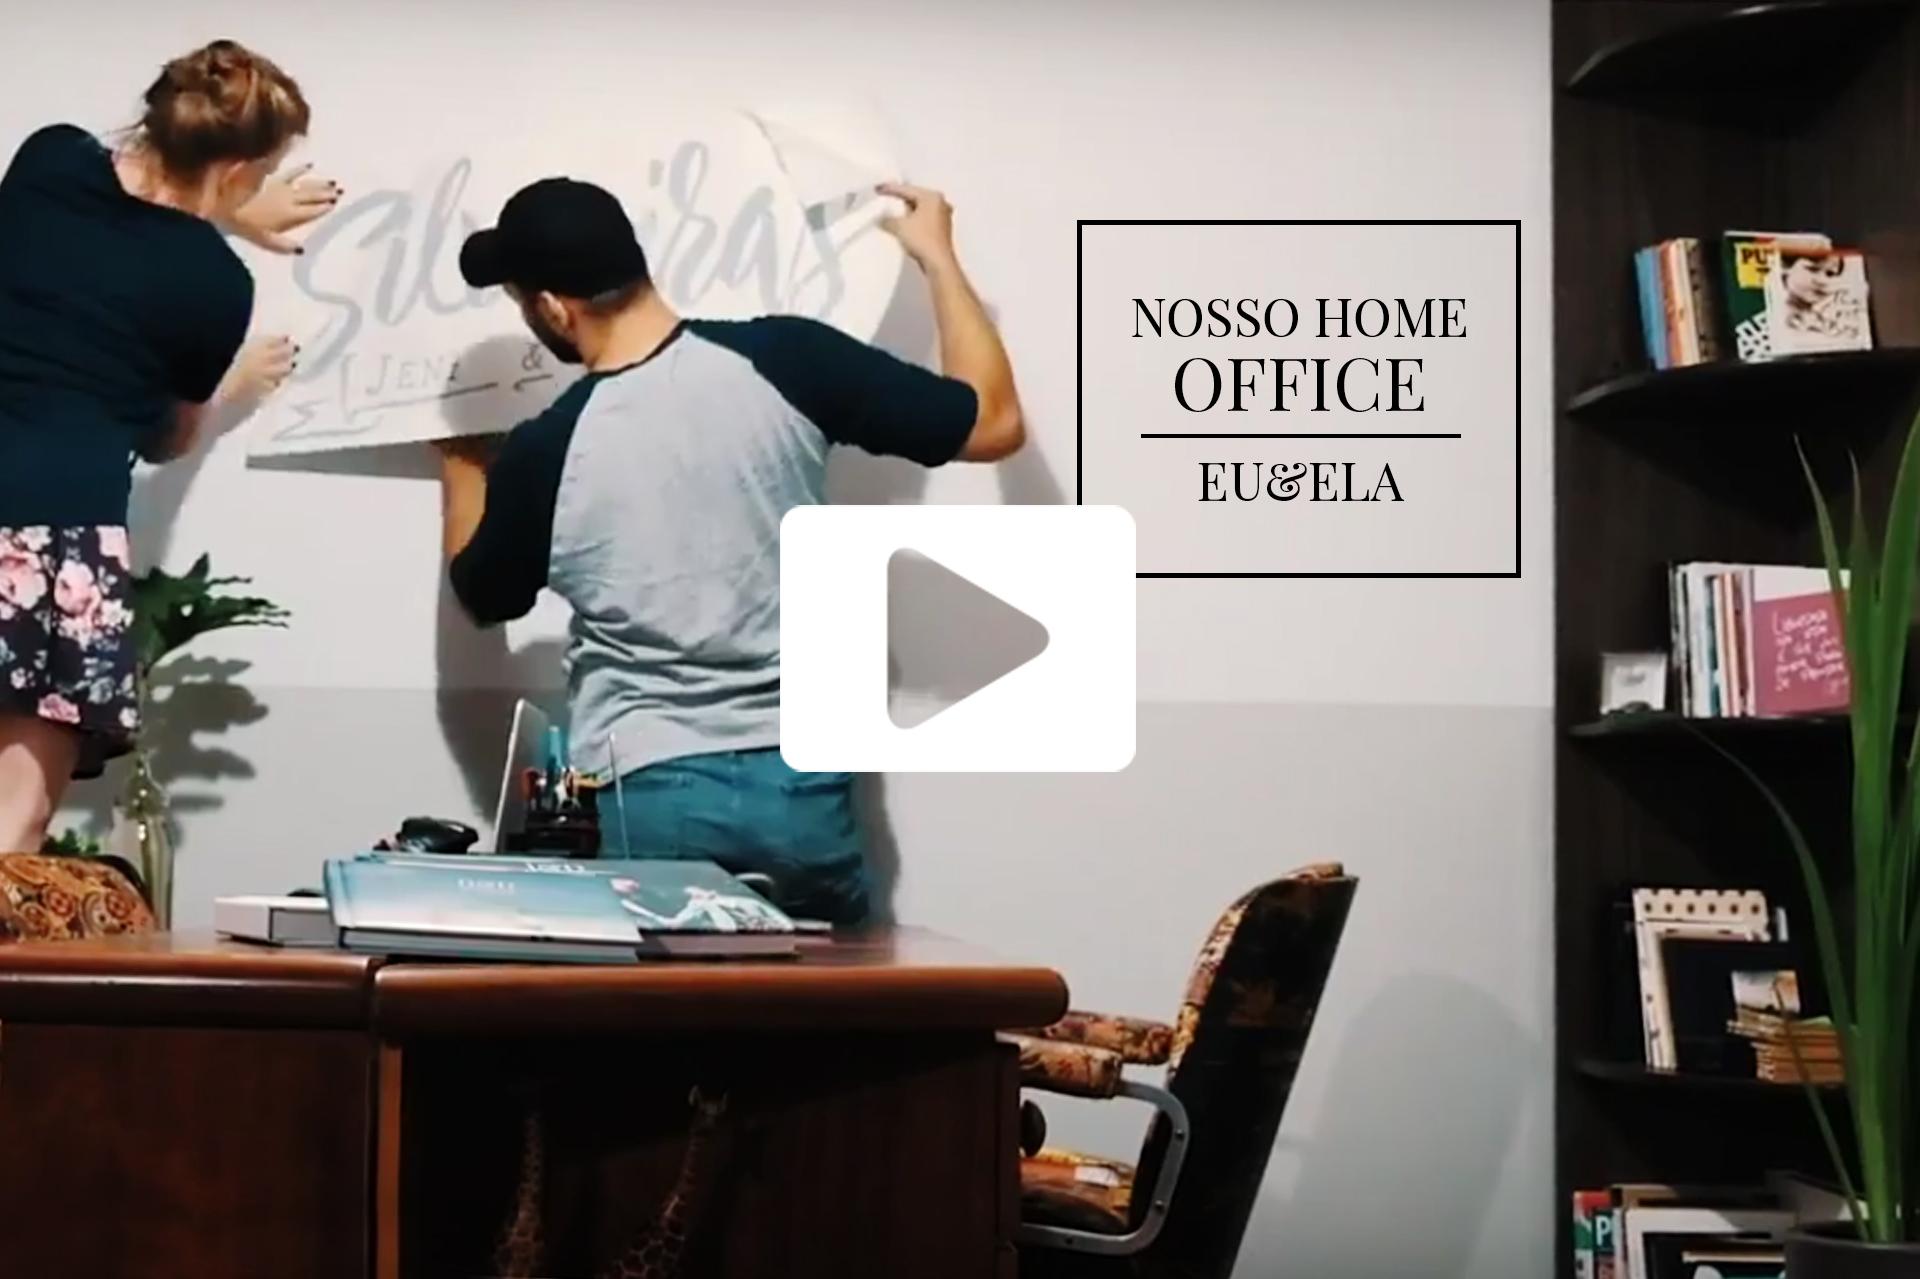 Nosso Home Office | Eu&Ela |